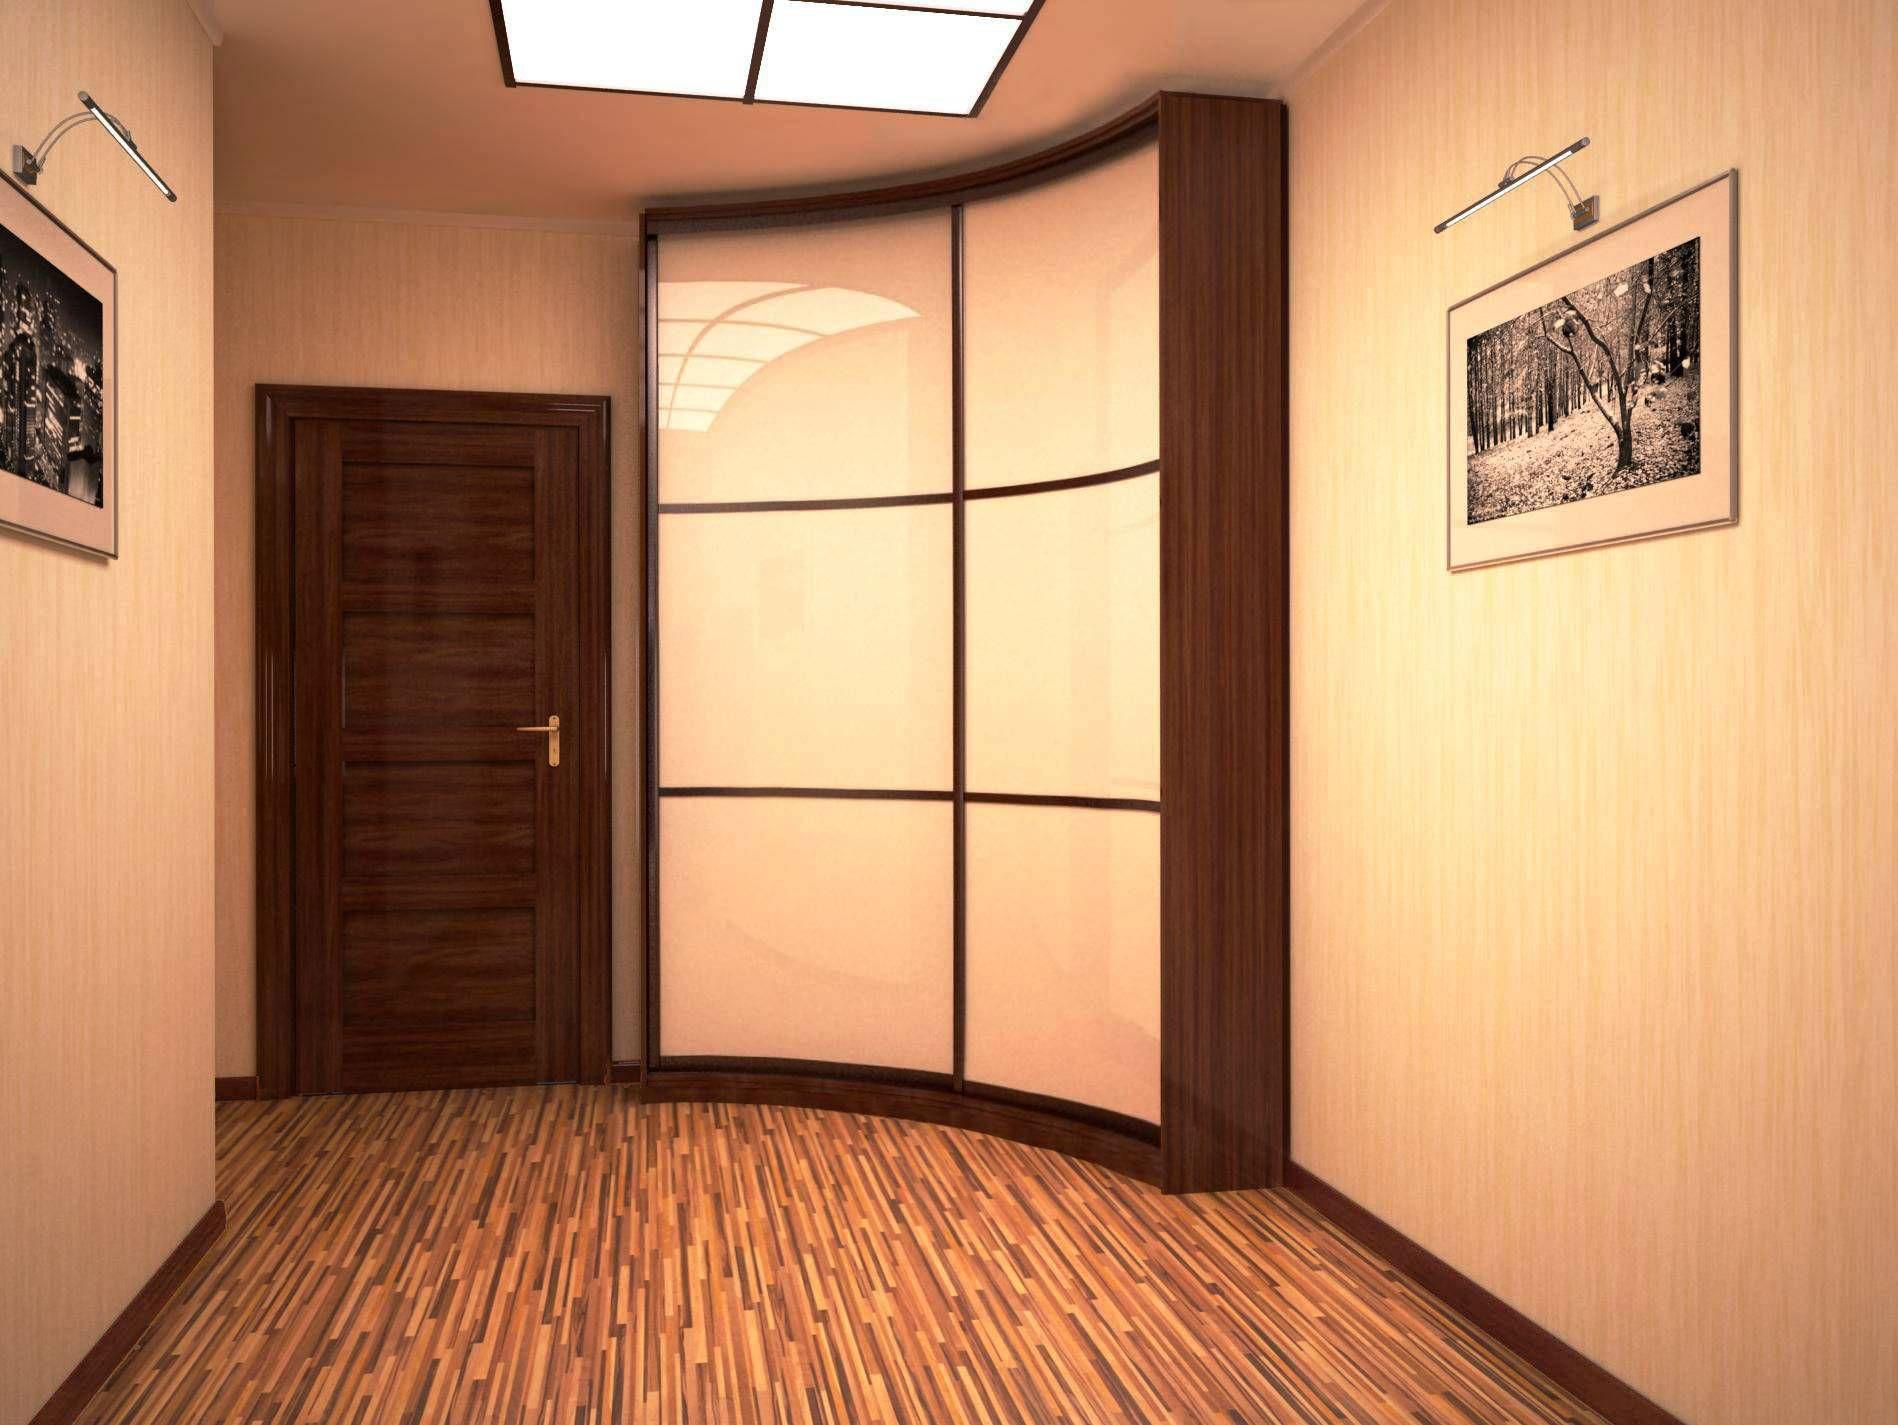 угловые двери в комнату фото впечатляет уникальное